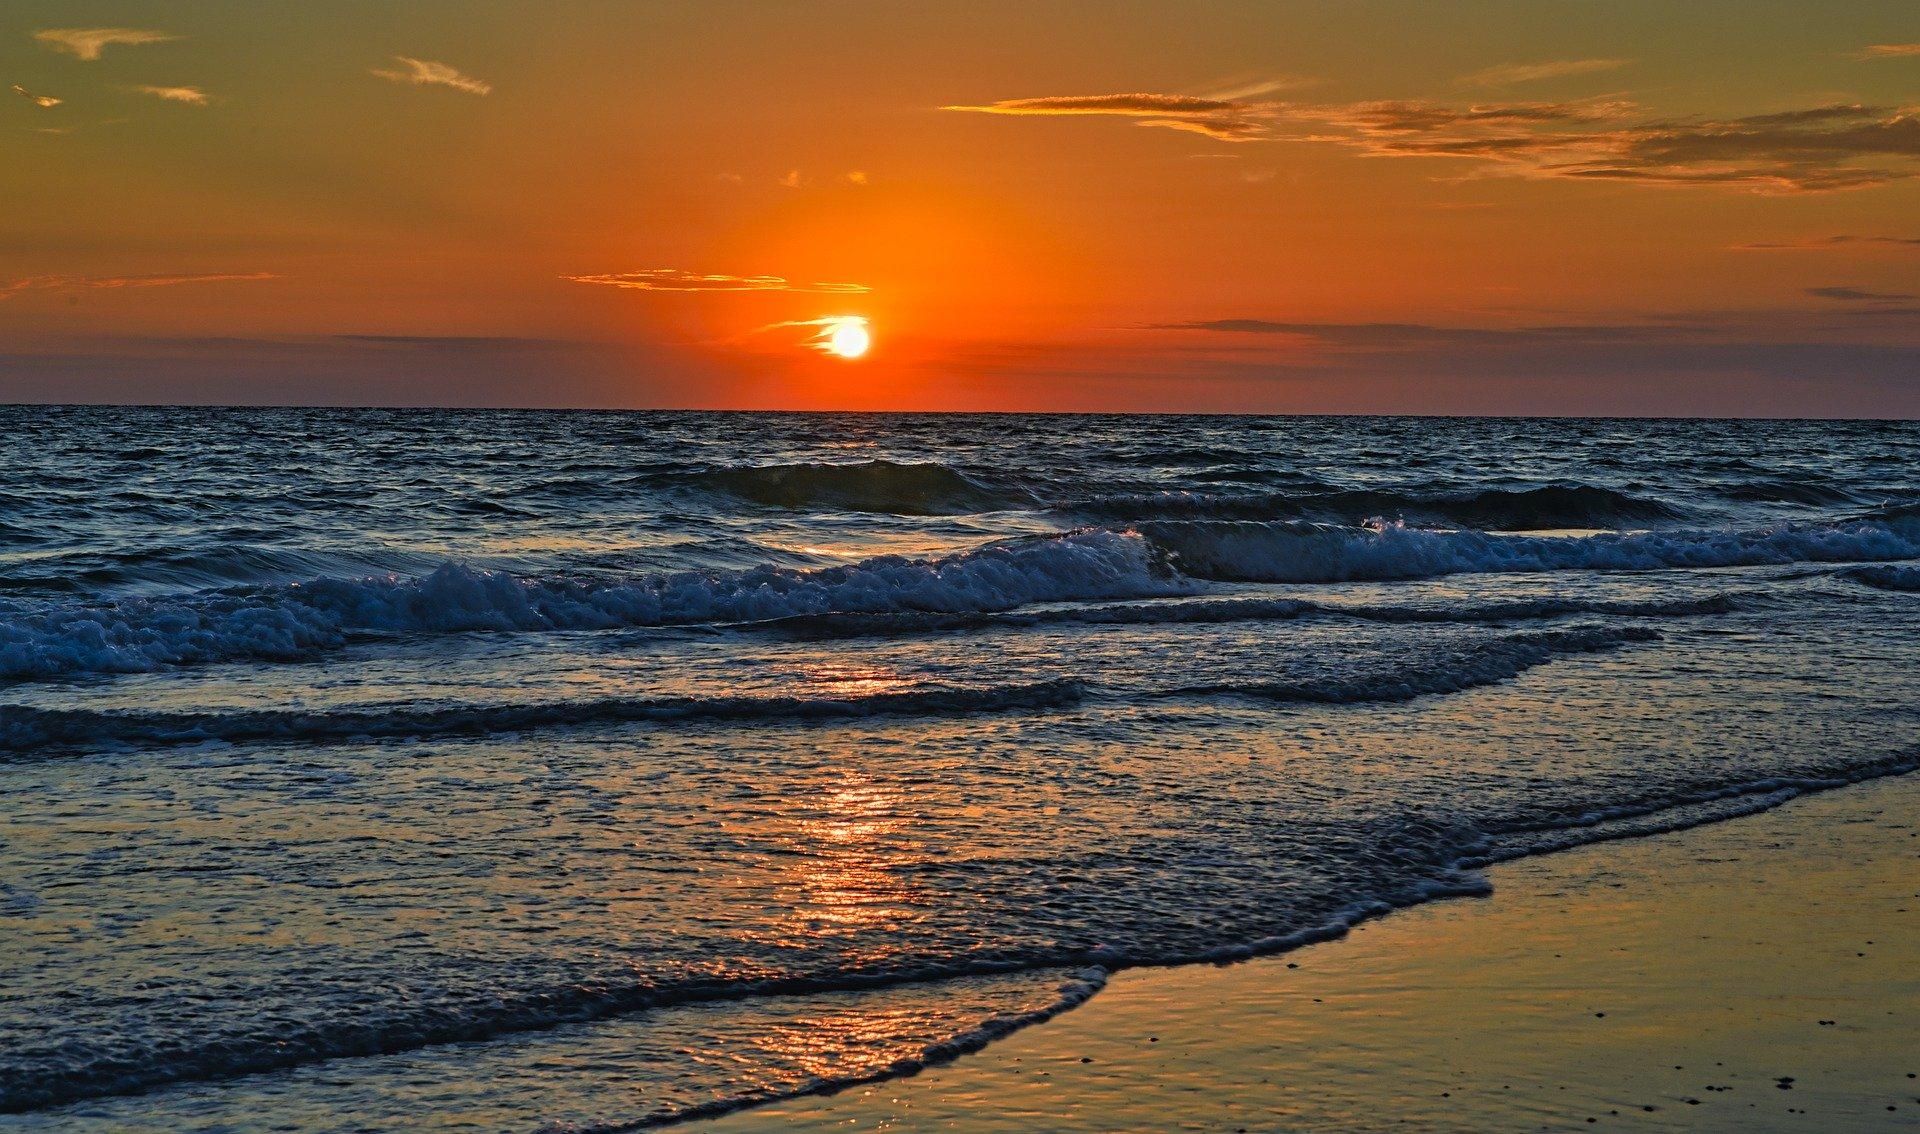 Sunset Kayaking in St. Pete Beach